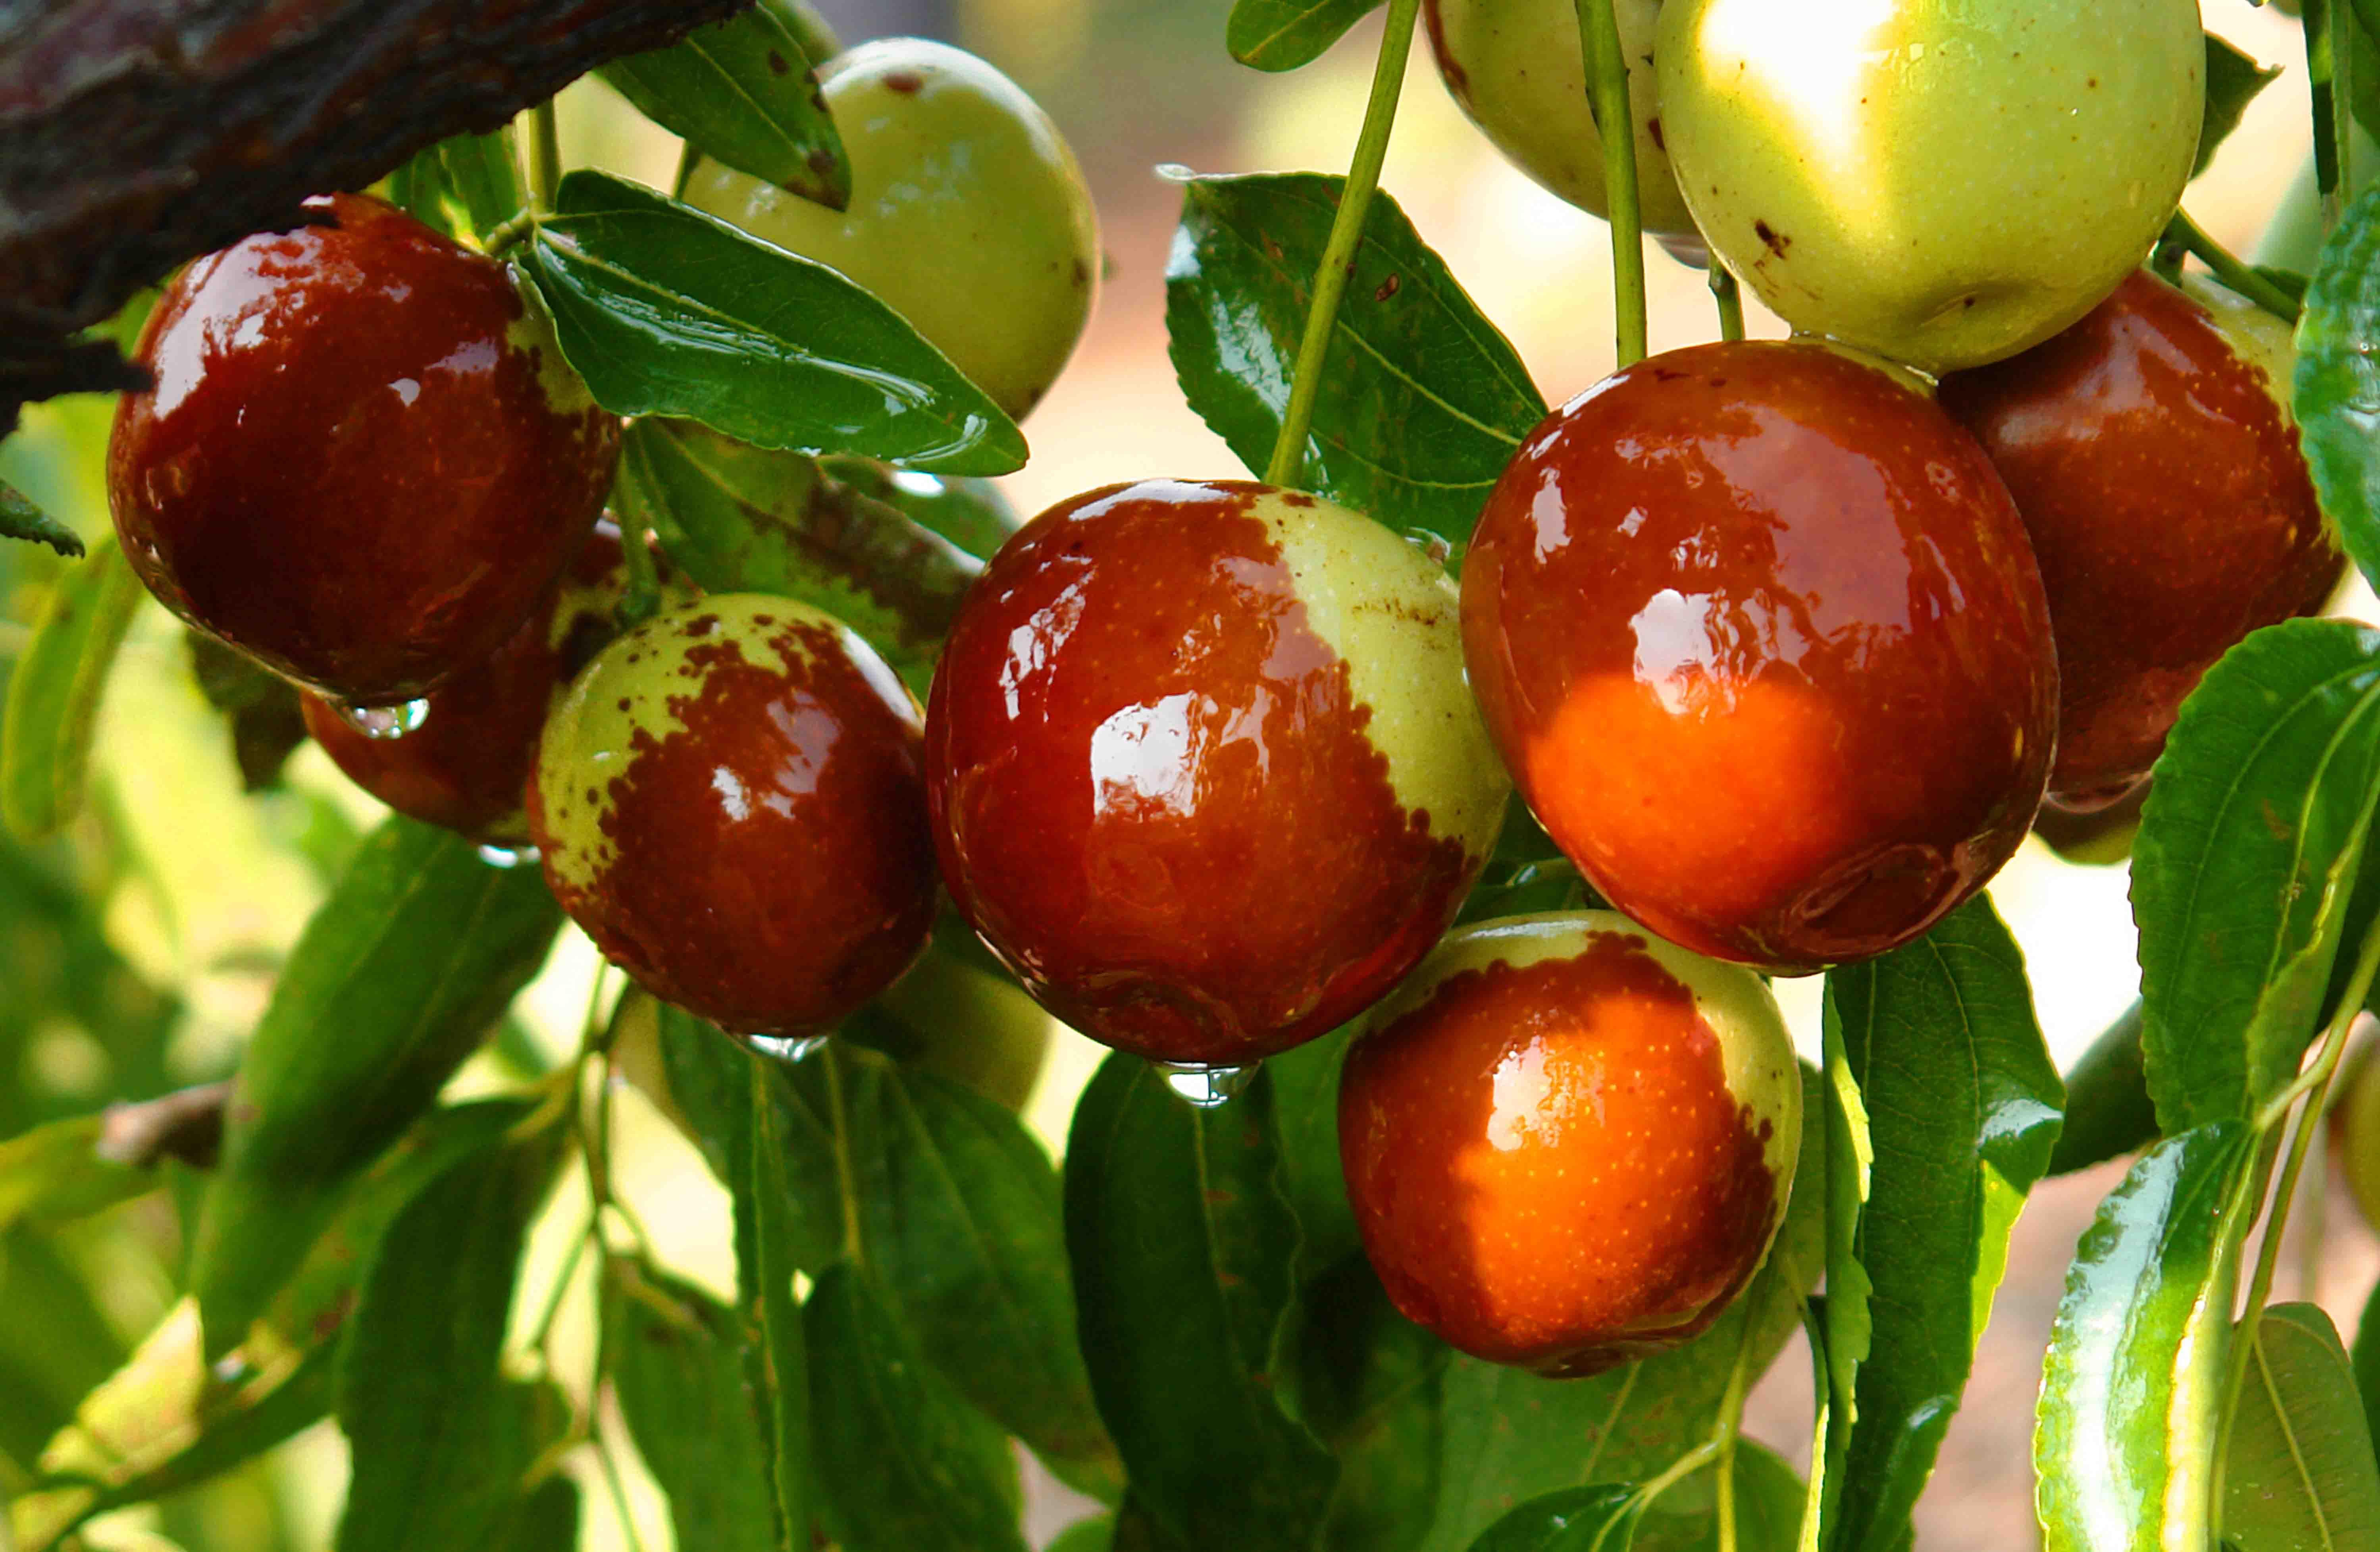 枣树盆景图片欣赏 枣树盆景图片欣赏 枣树幼苗图片欣赏